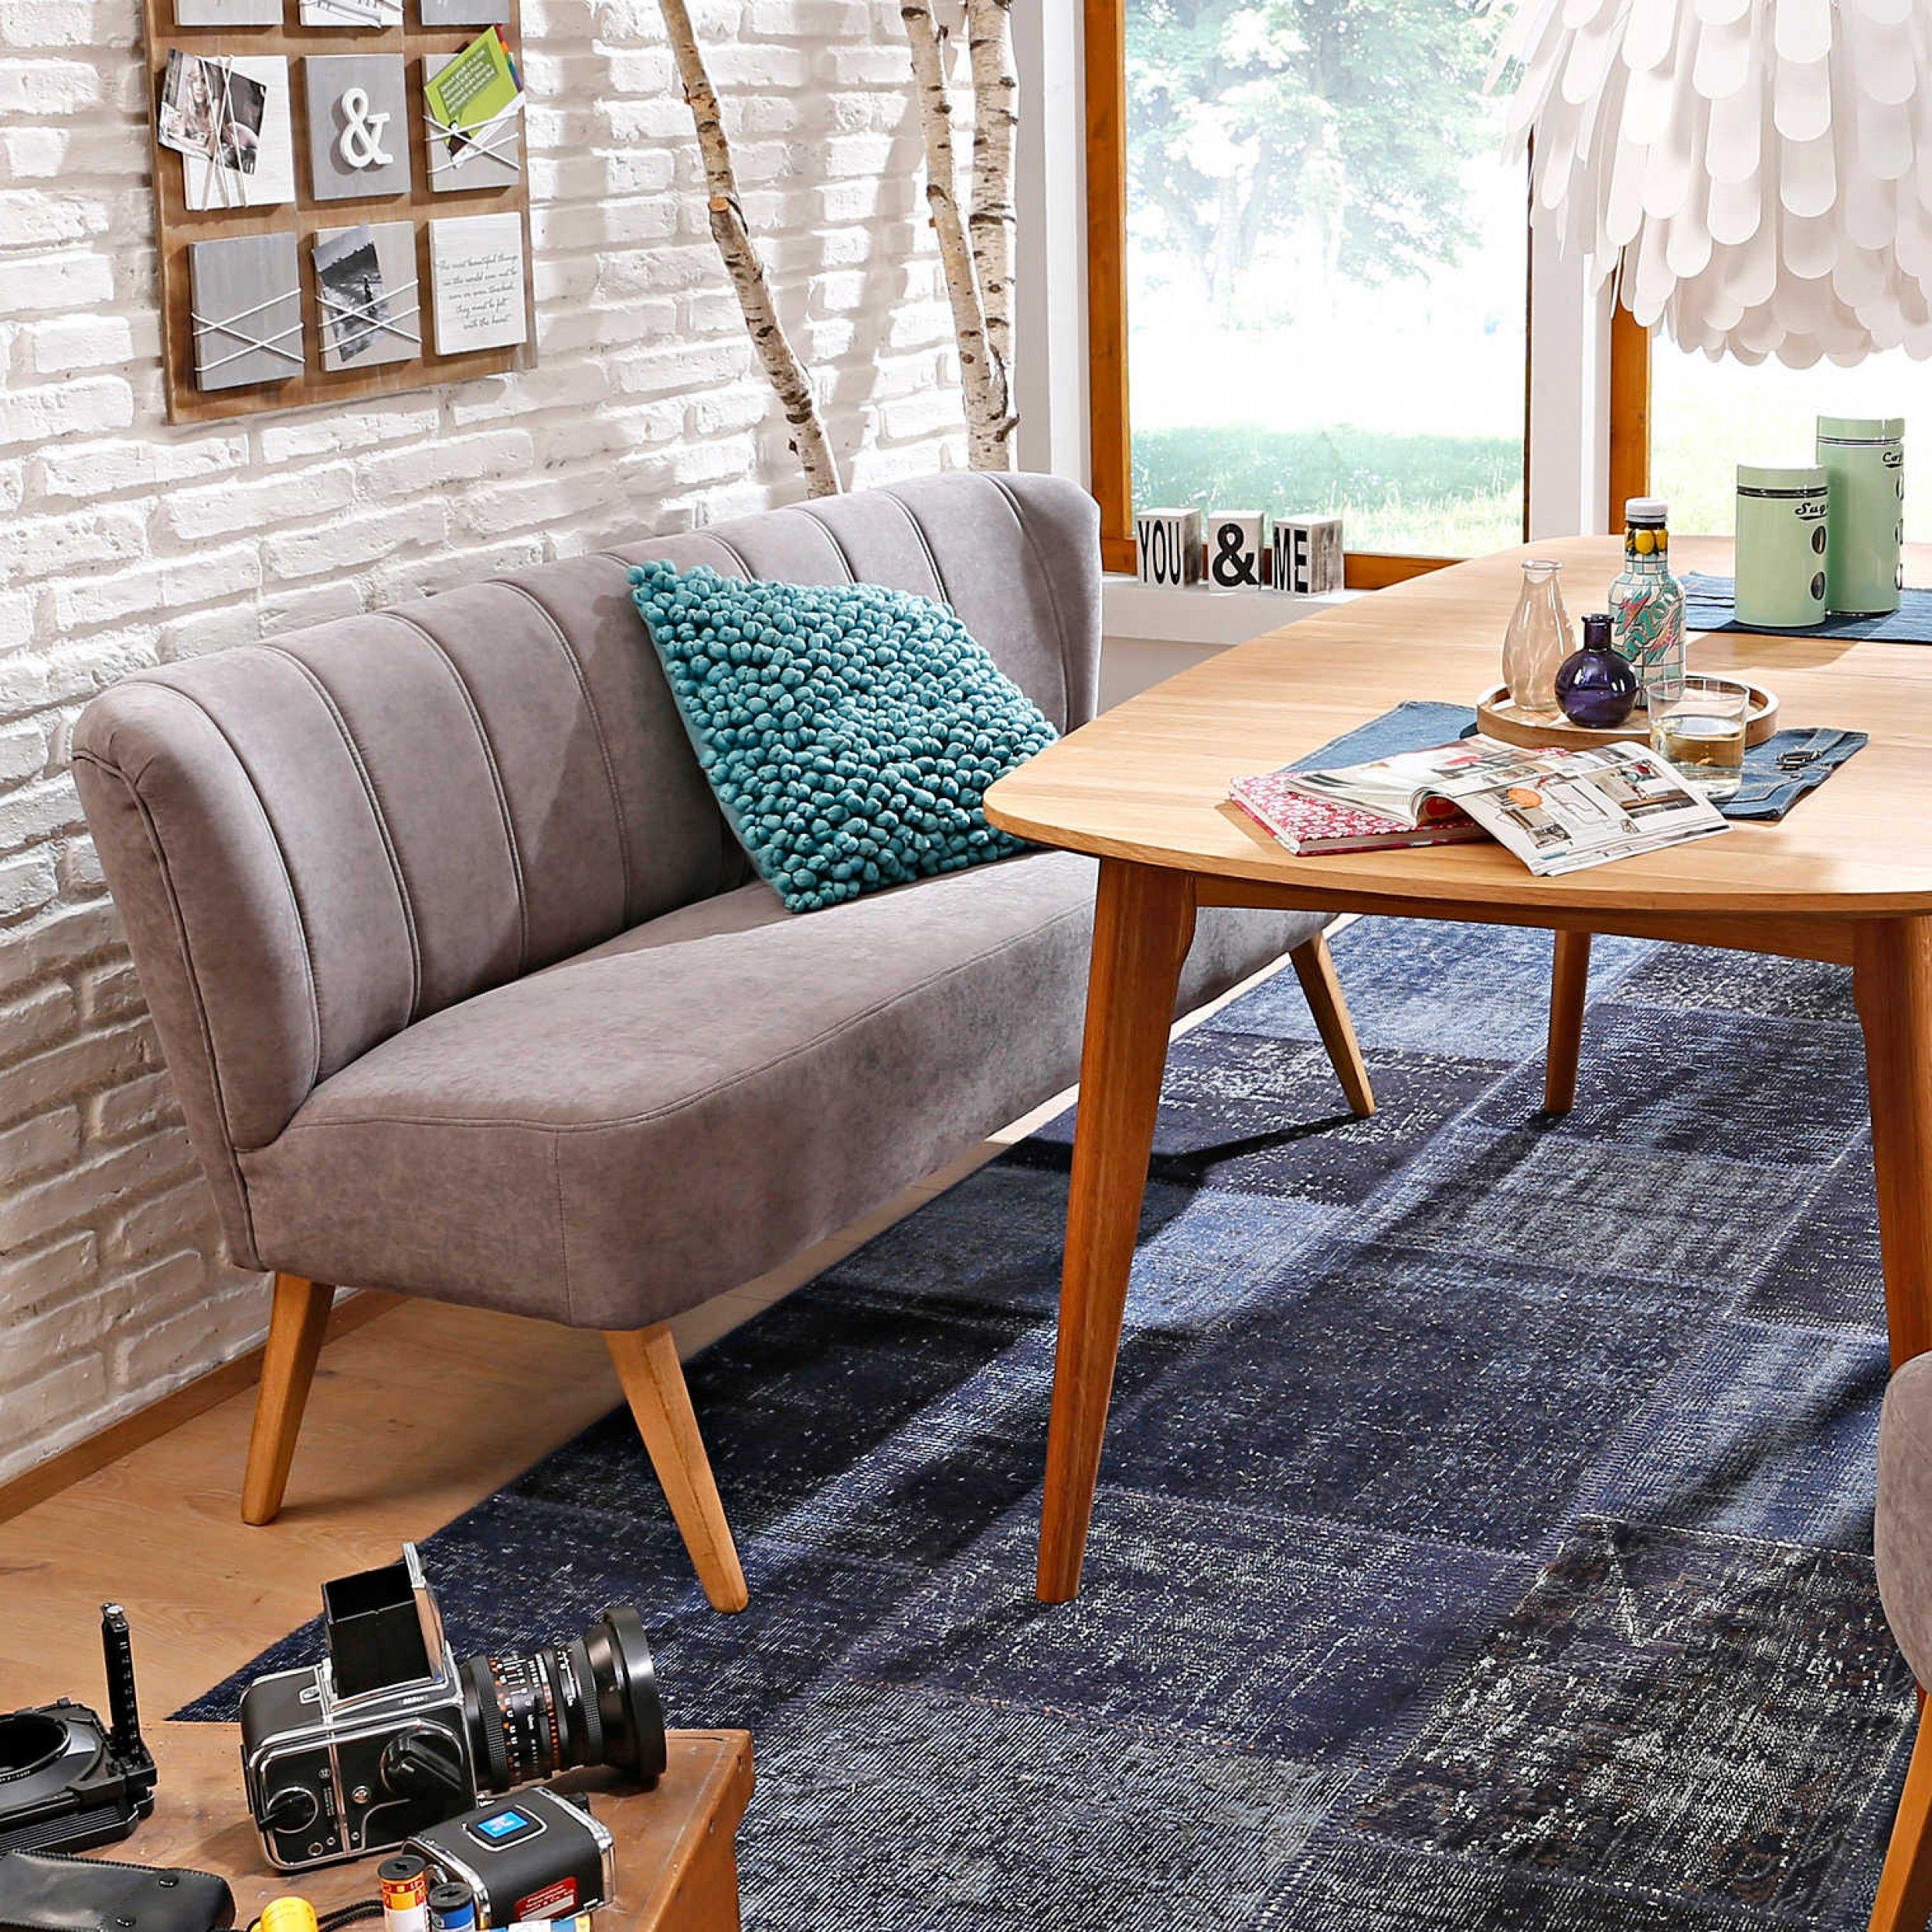 Esszimmermöbel design sofabank lentini weiß  bänke  bänke u eckbänke  esszimmer